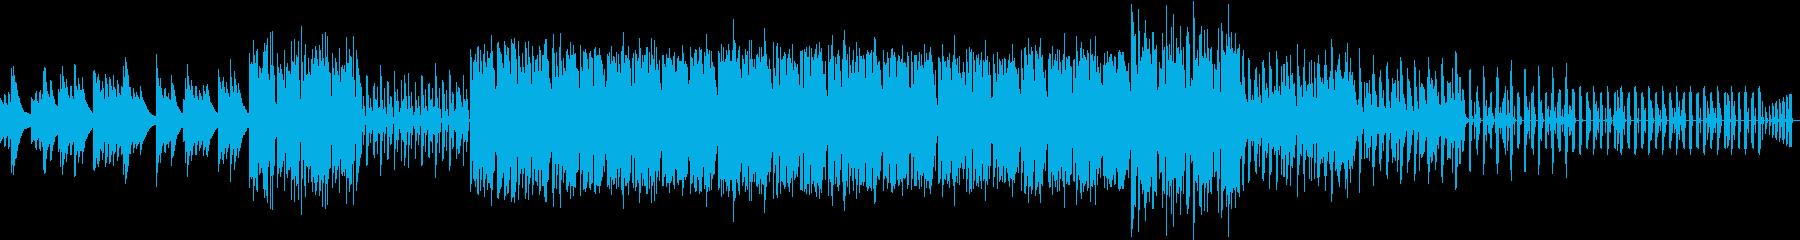 スポーツ系のラジオ用BGMの再生済みの波形